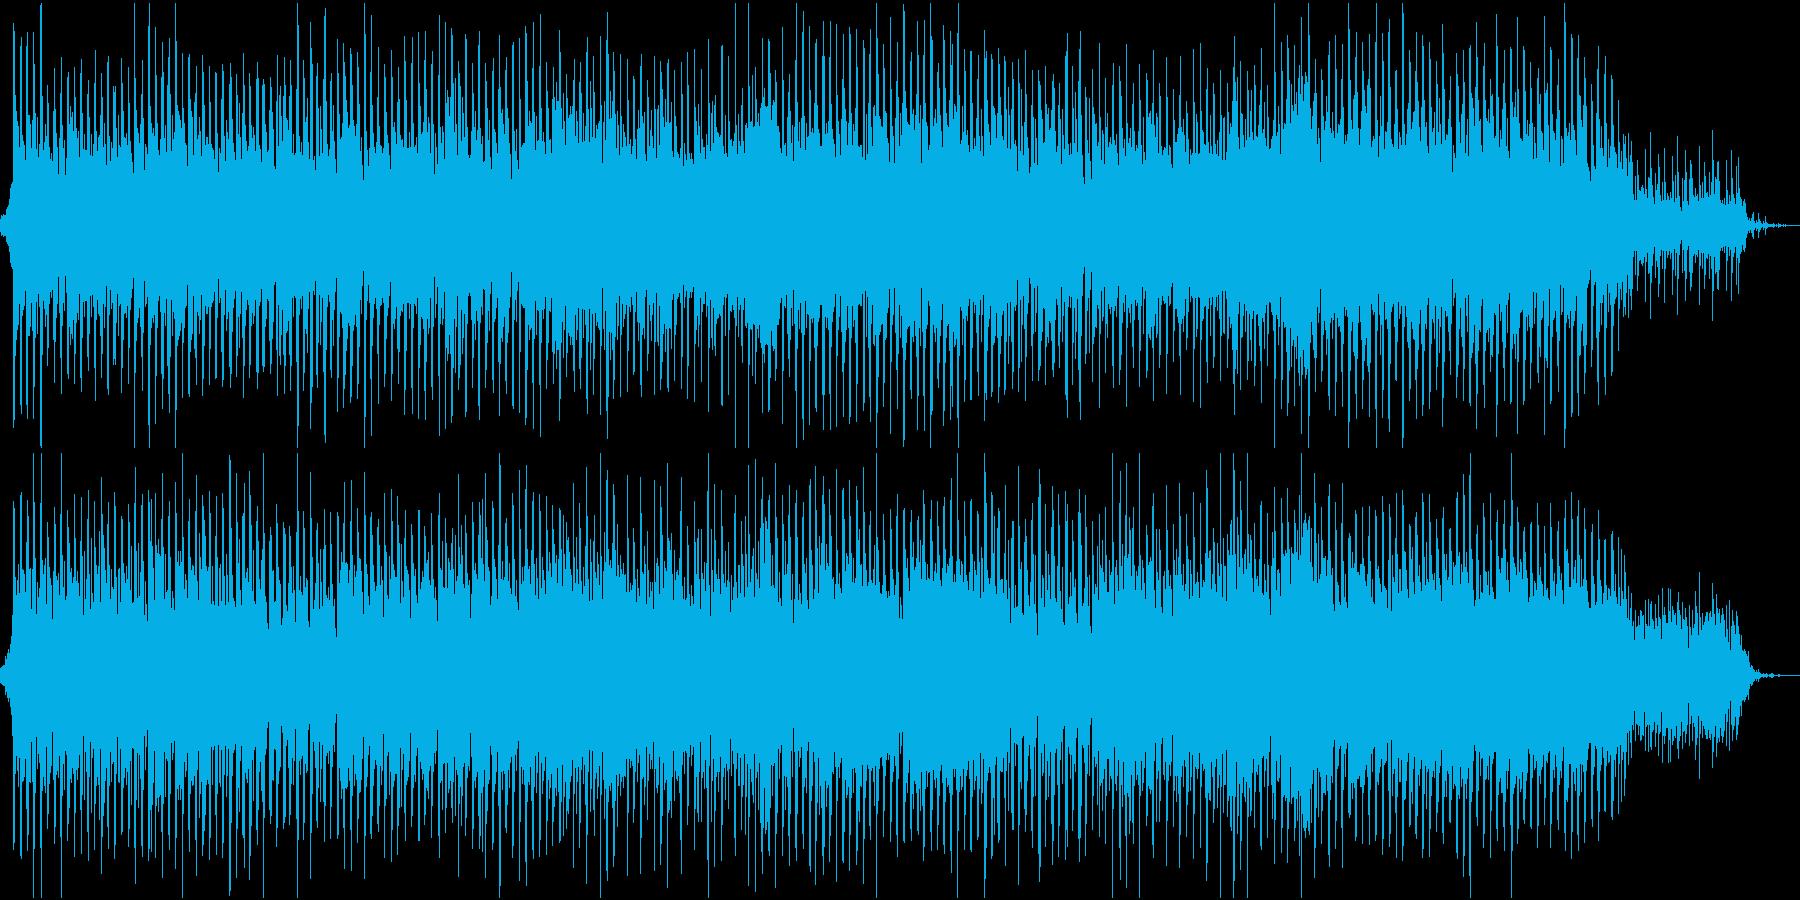 新商品紹介用アップビートPOPの再生済みの波形